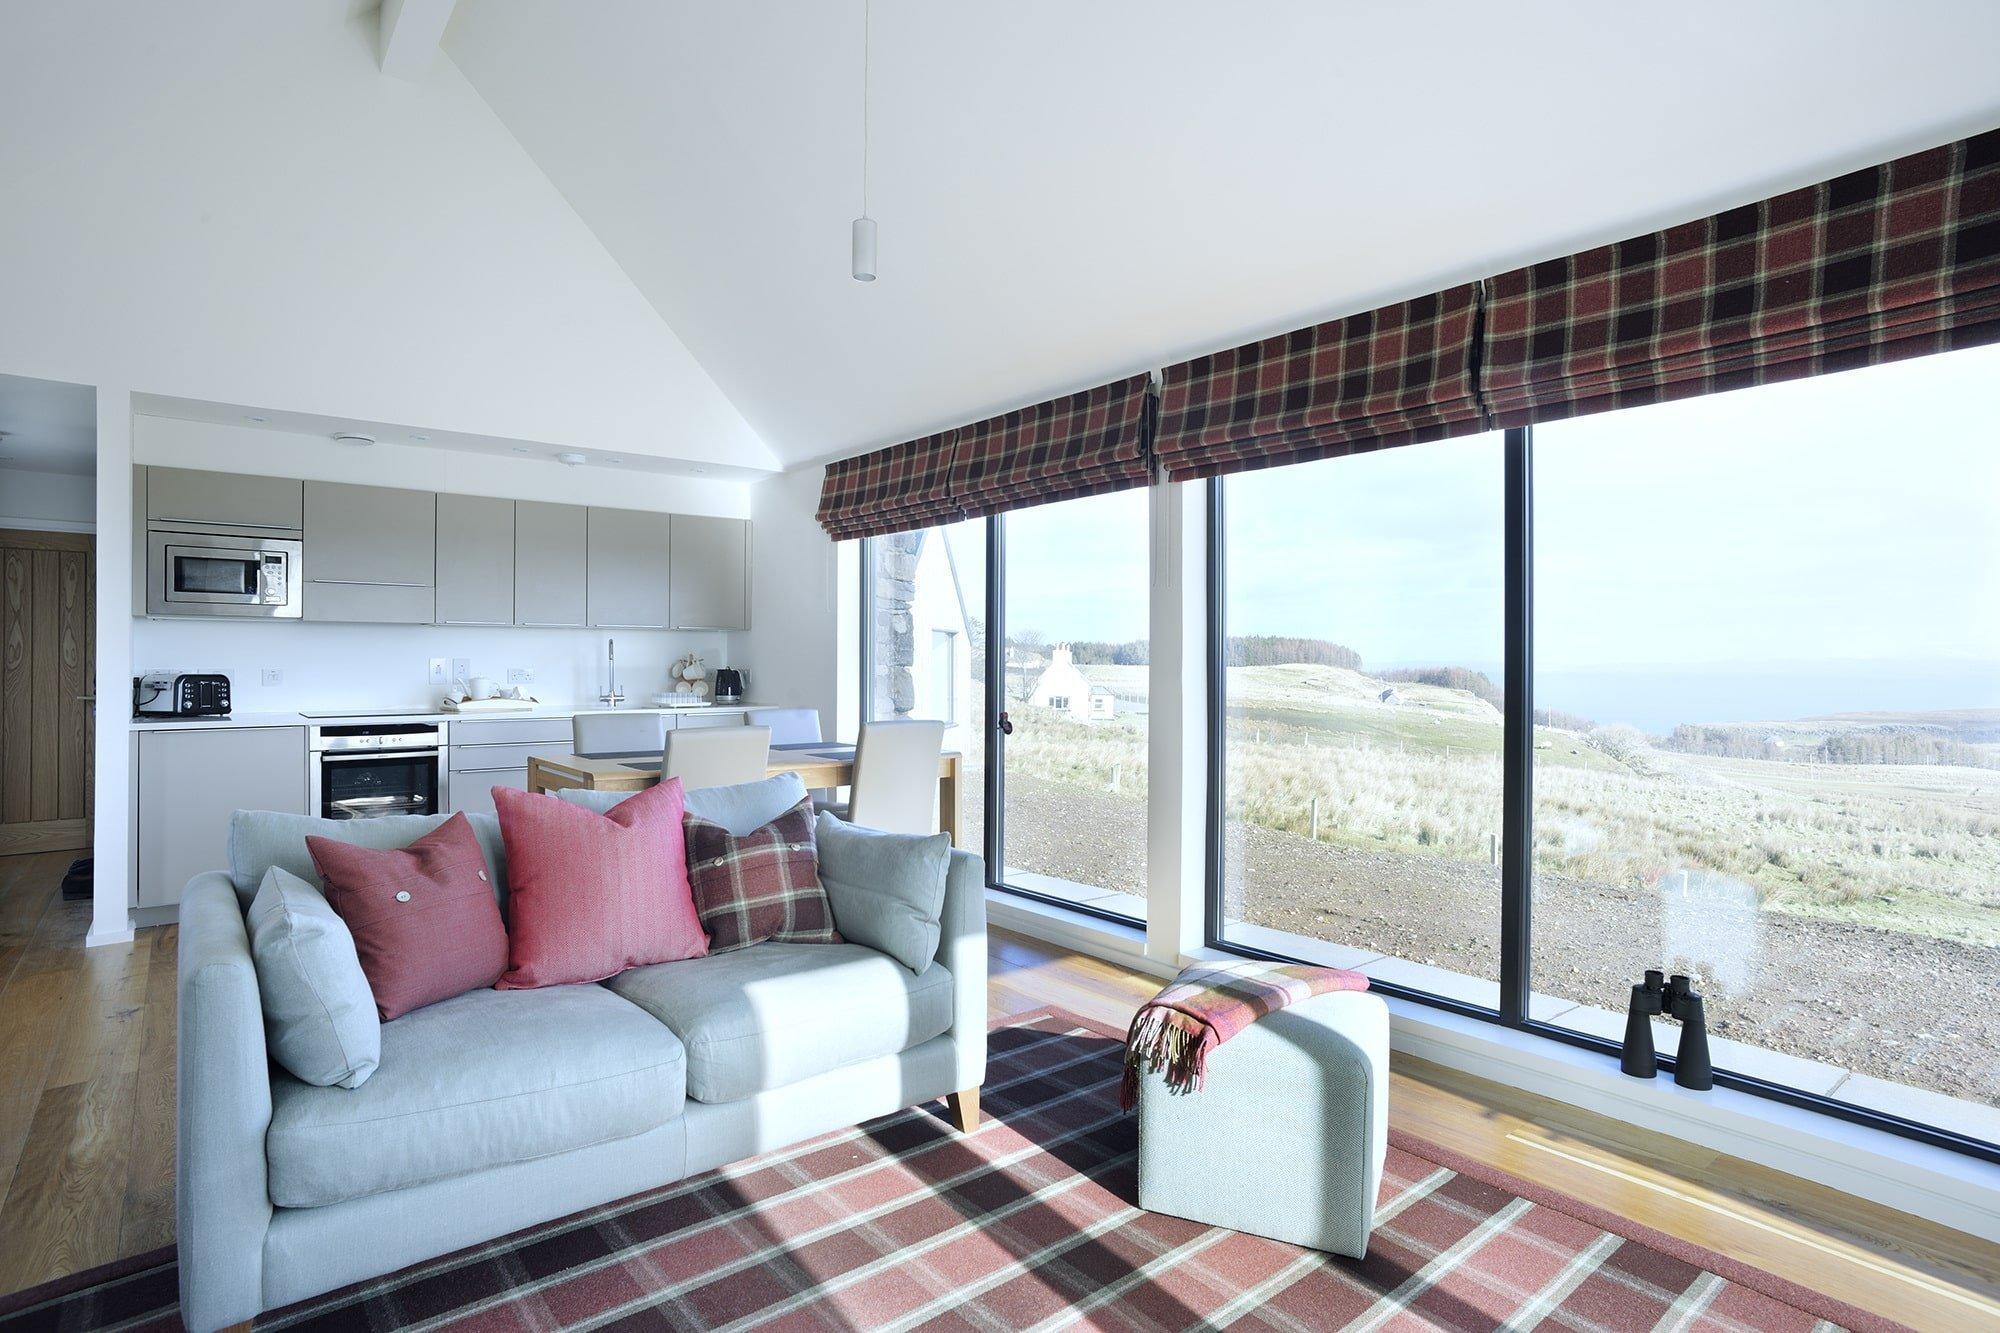 """Tento modulární dům se nachází na úchvatném místě na ostrově Skye, který je nejsevernějším ostrovem skotského souostroví Vnitřní Hebridy. Ve skotštině nese název Skye význam """"okřídlený"""". Okřídlený však naštěstí není dům, o kterém je tu řeč, protože jinak by neustál silné vichry vanoucí od Atlantiku a neposkytoval by tak dechberoucí výhledy do okolní krajiny."""